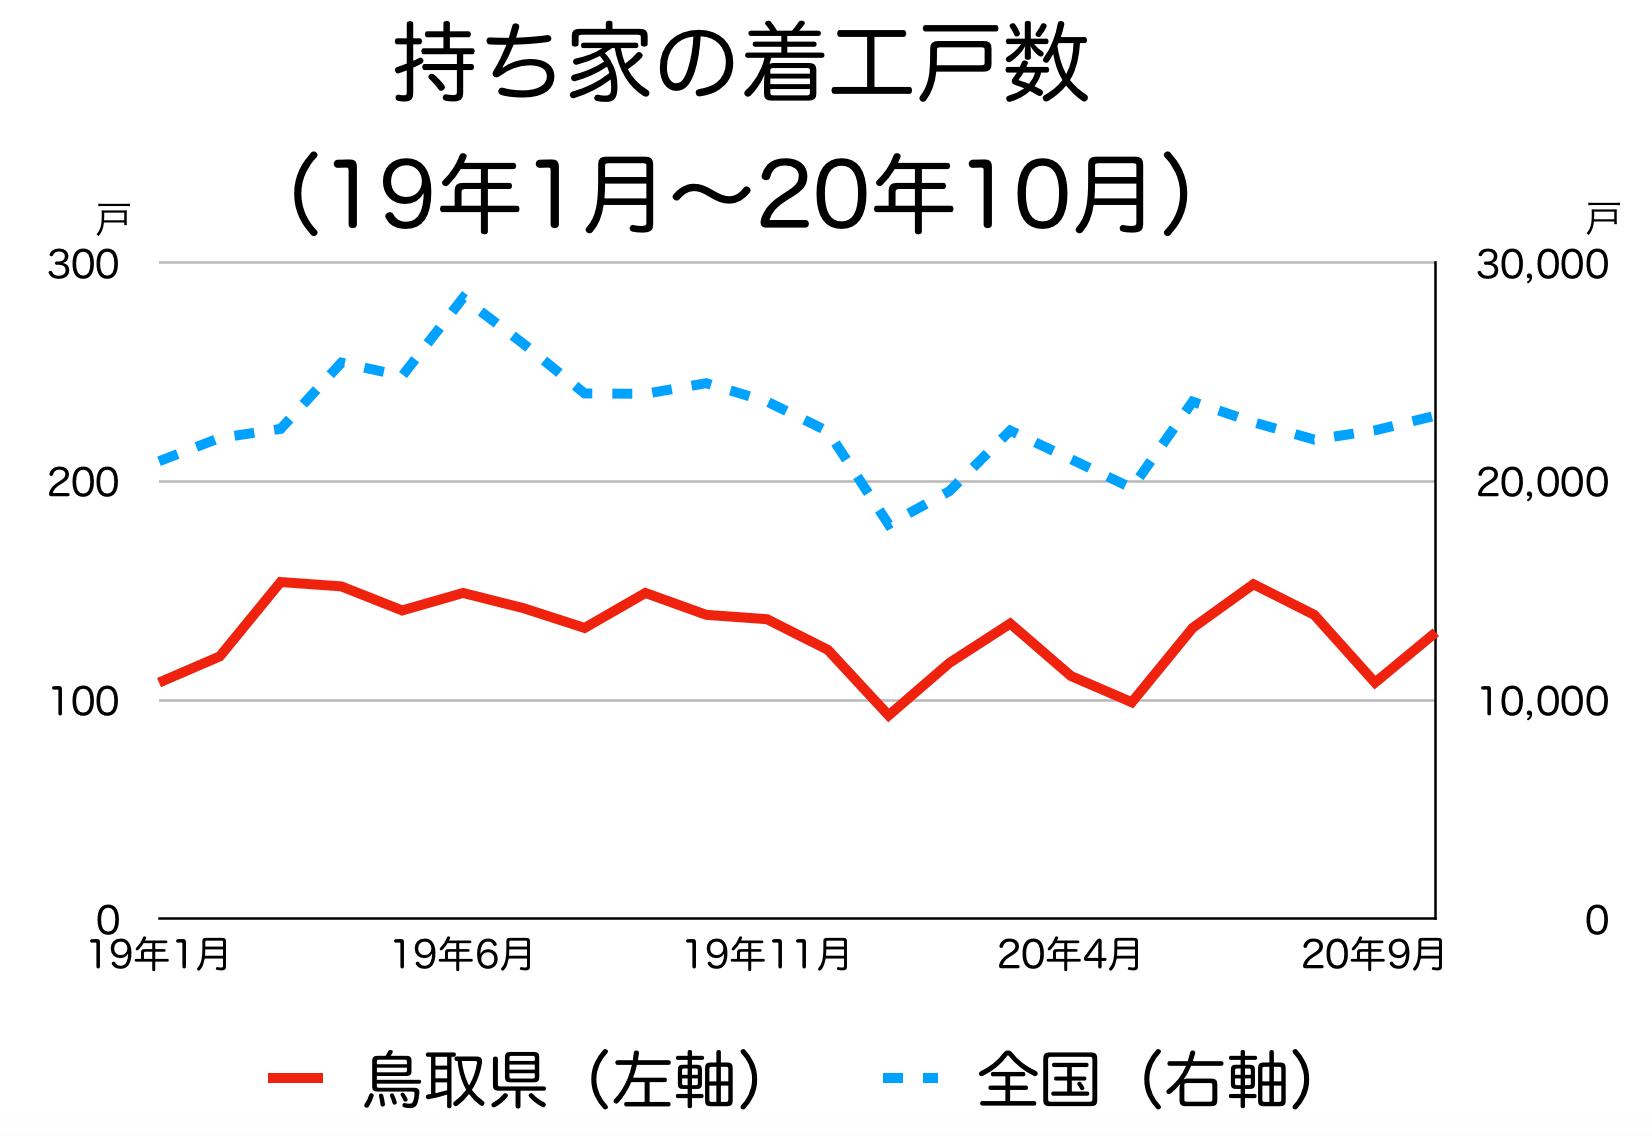 鳥取県の新築着工統計